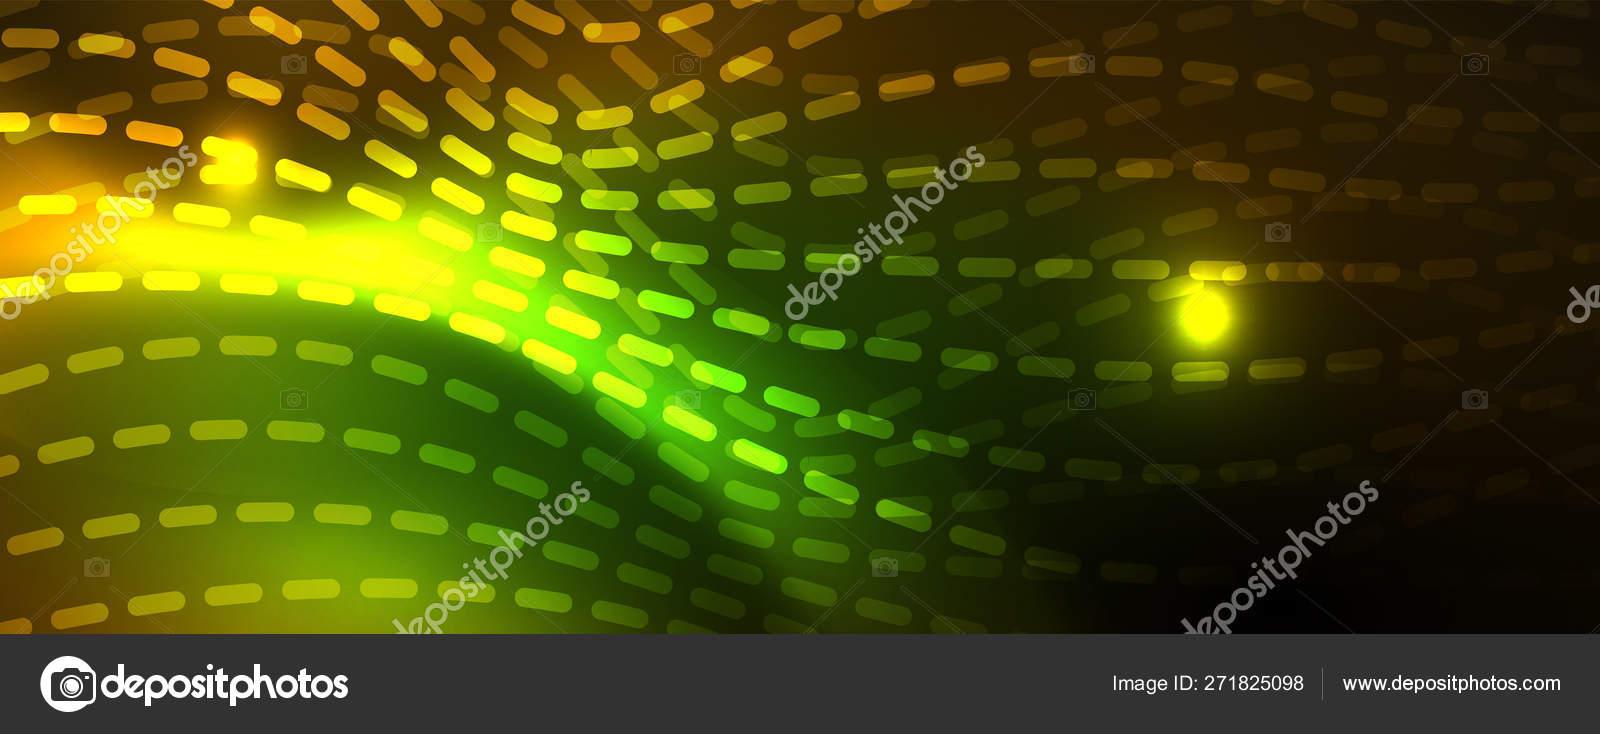 光沢のあるネオンラインテクノ魔法未来的な背景 魔法のエネルギー空間